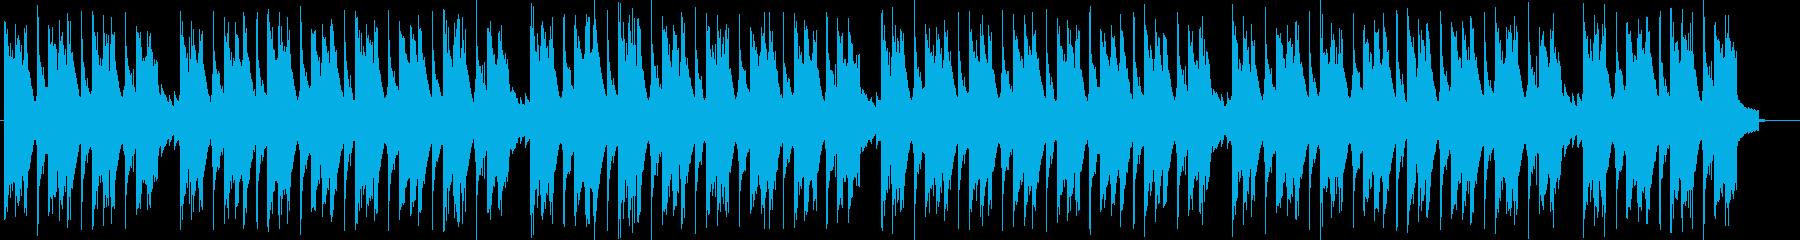 雑念を払うような落ち着くノイズの曲の再生済みの波形